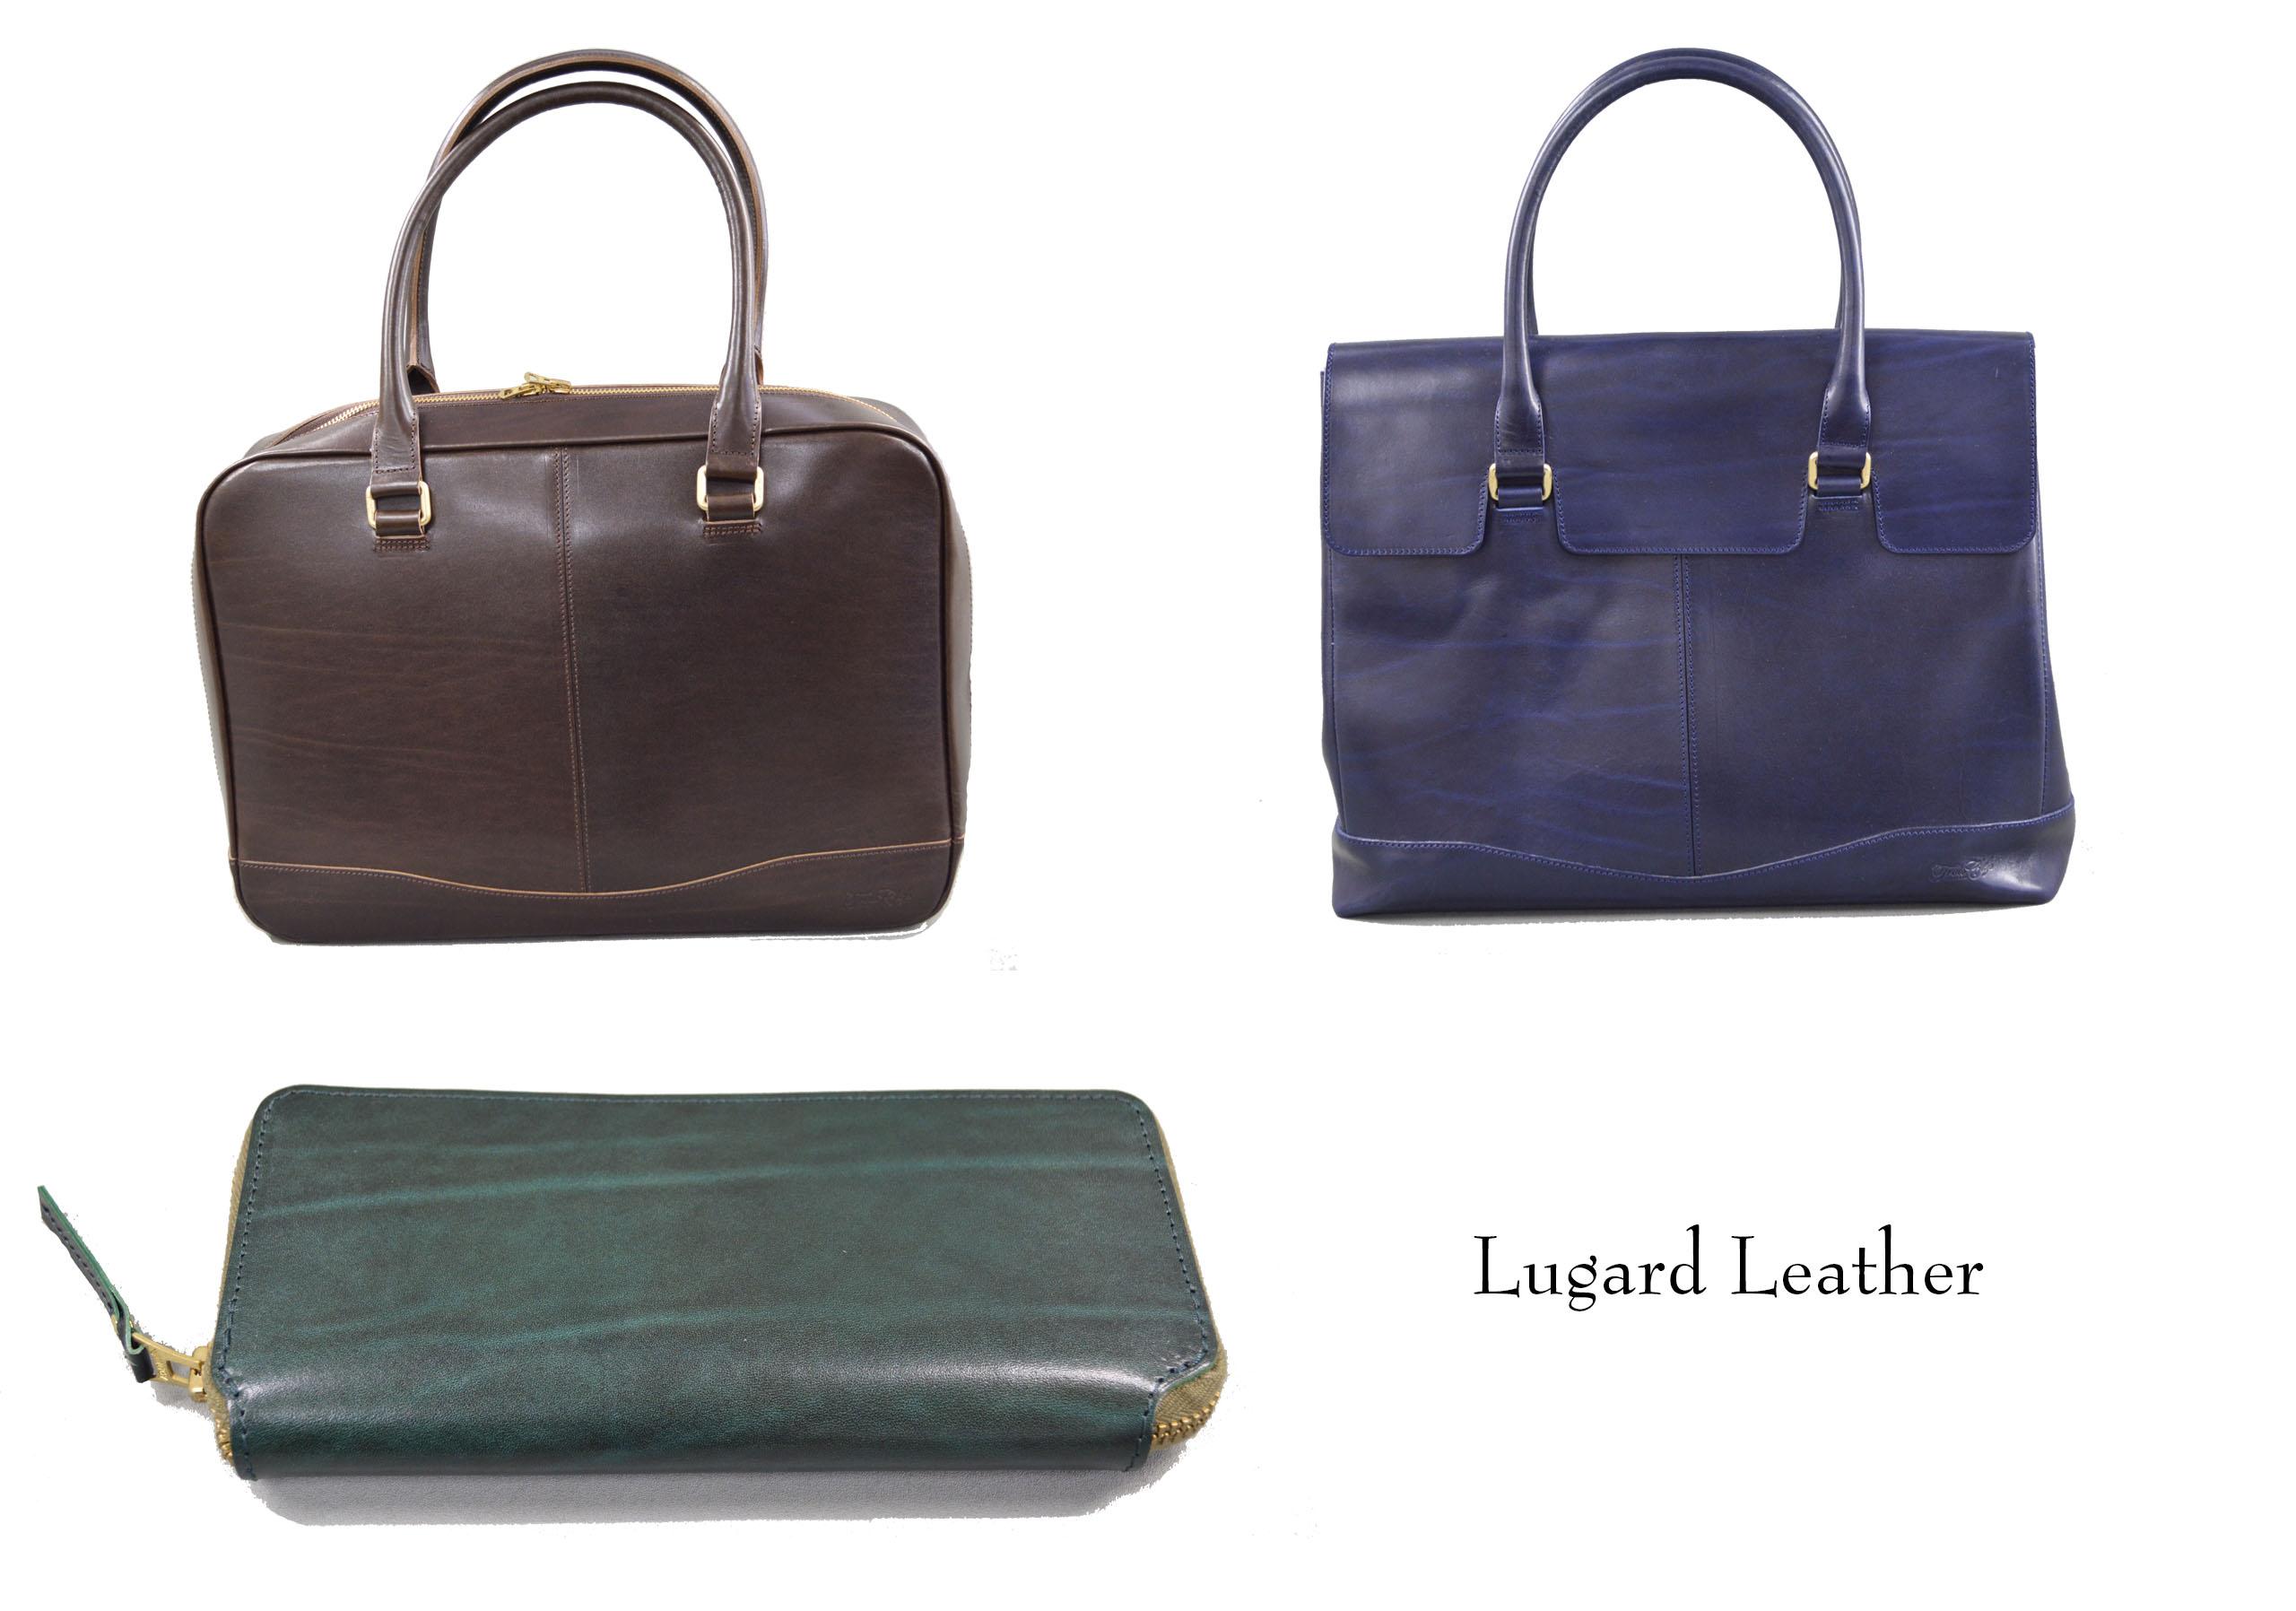 Lugard Leather